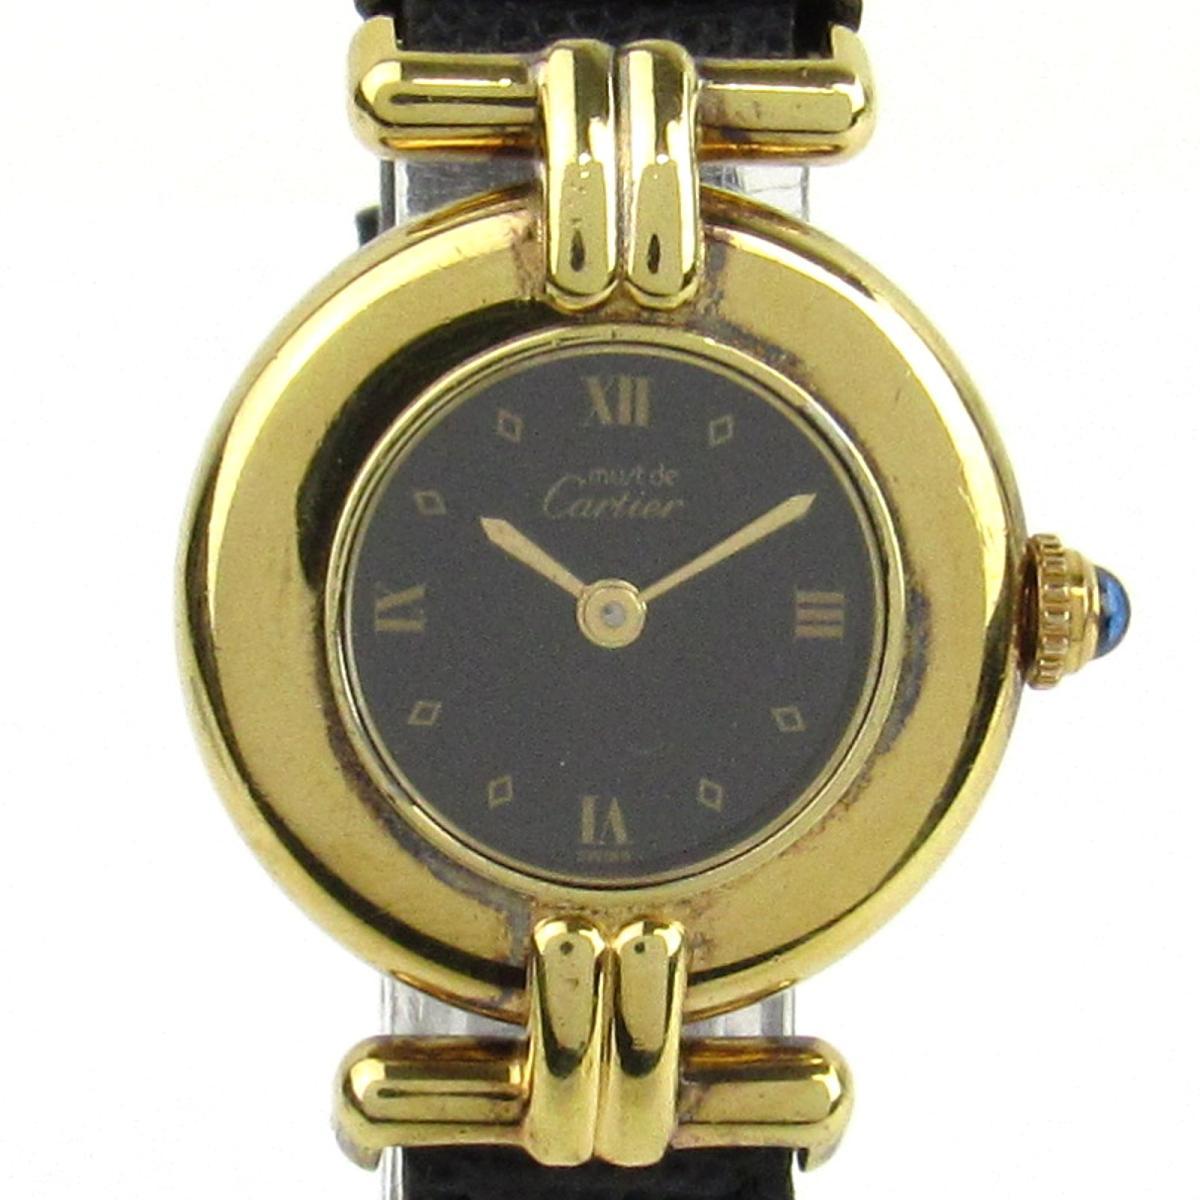 【中古】 カルティエ マストコリゼ ヴェルメイユ ウォッチ 腕時計 レディース レザーベルト (リザード)x925 (ゴールドメッキ) (590002)   Cartier BRANDOFF ブランドオフ ブランド ブランド時計 ブランド腕時計 時計